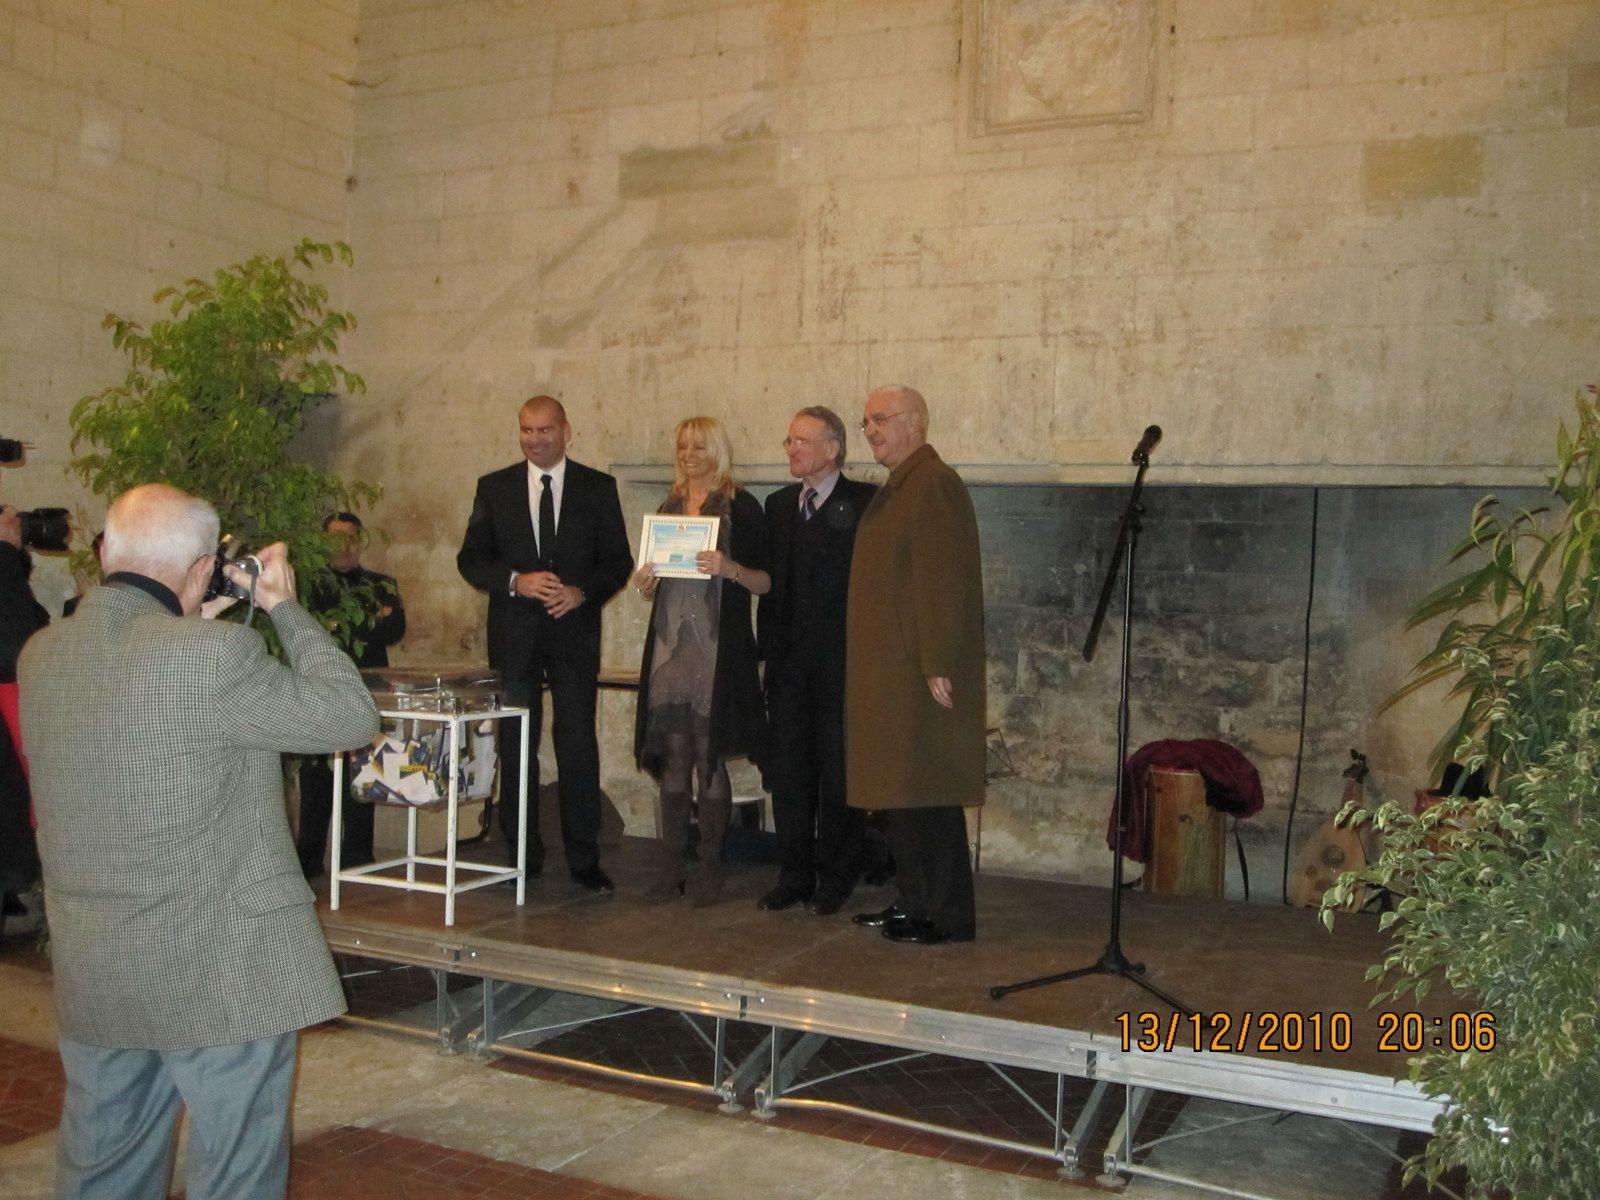 Une première soirée de Gala au Chateau Royal de Provence...Ambiance Médiévales et Remise des Séjours à Gagner de la Tombola